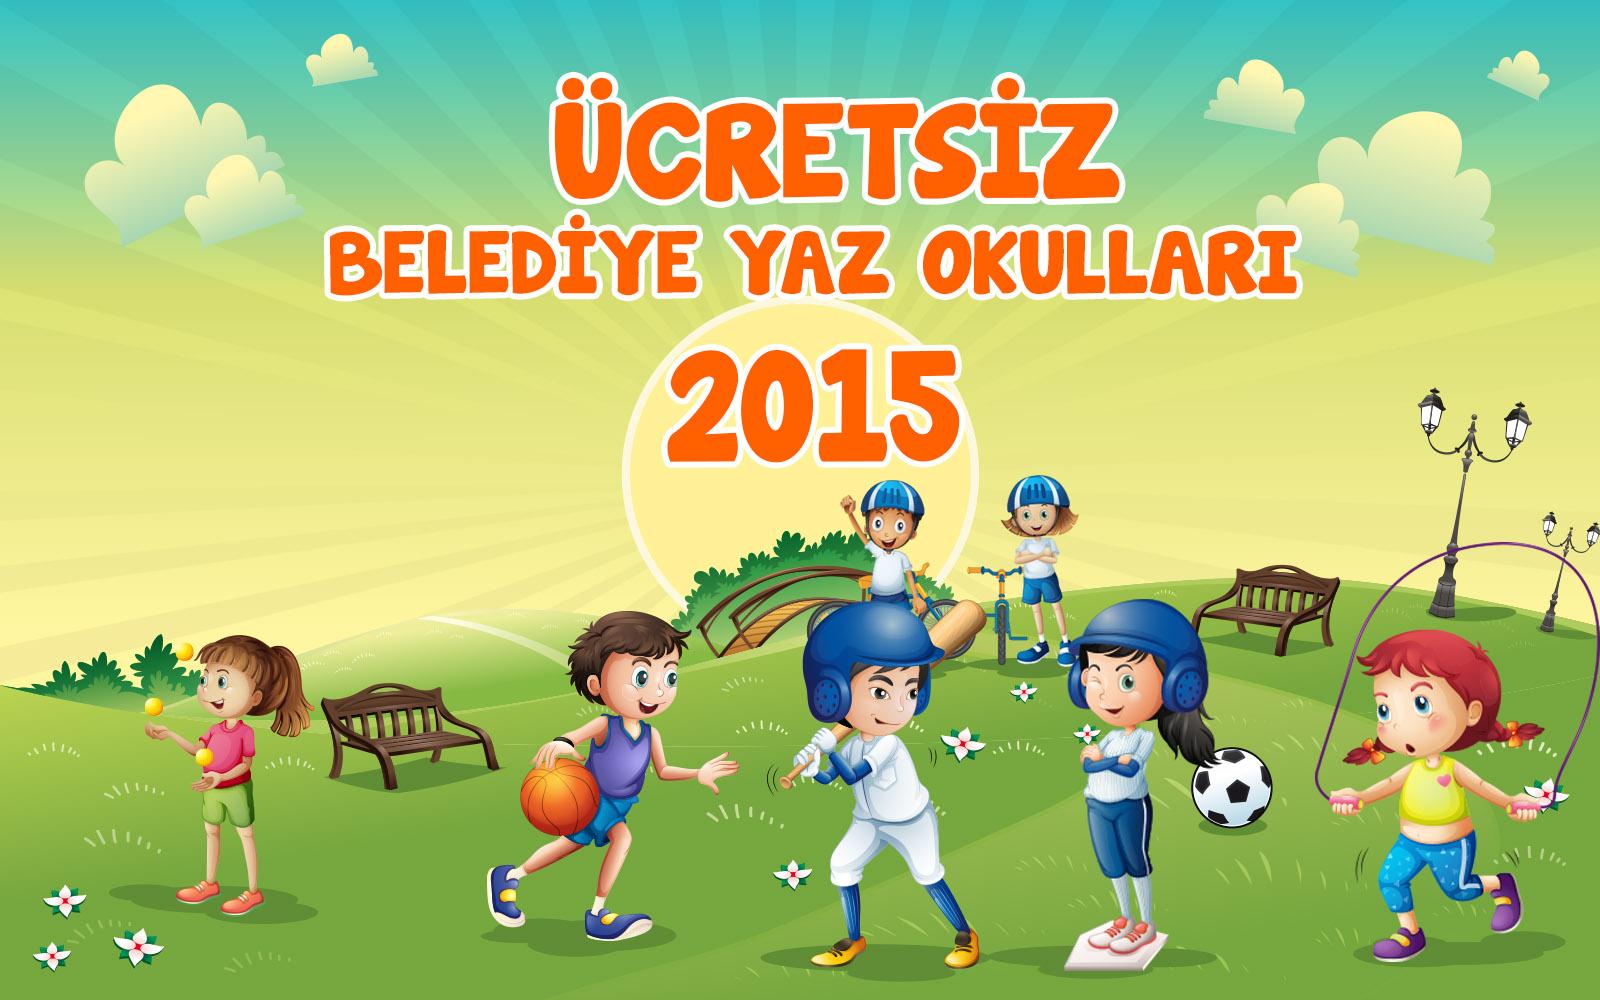 İstanbul Ücretsiz Yaz Okulları 2015 35